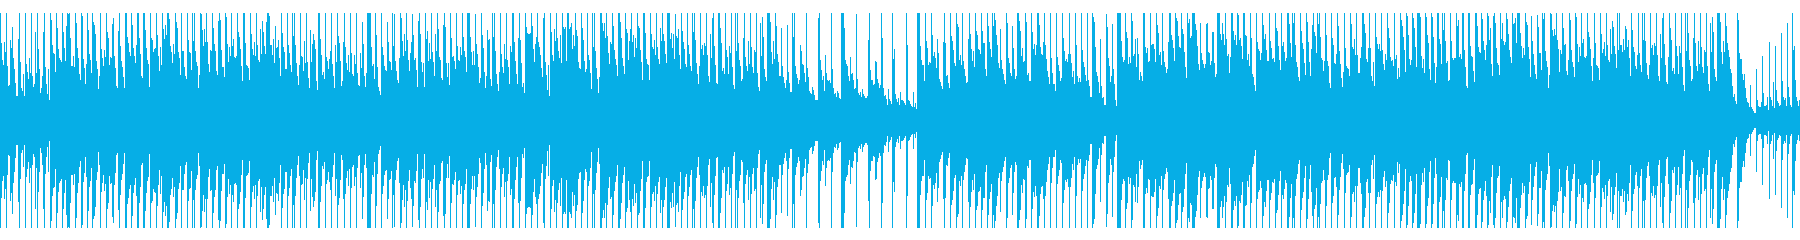 明るみと軽快みがあるジャズピアノの再生済みの波形